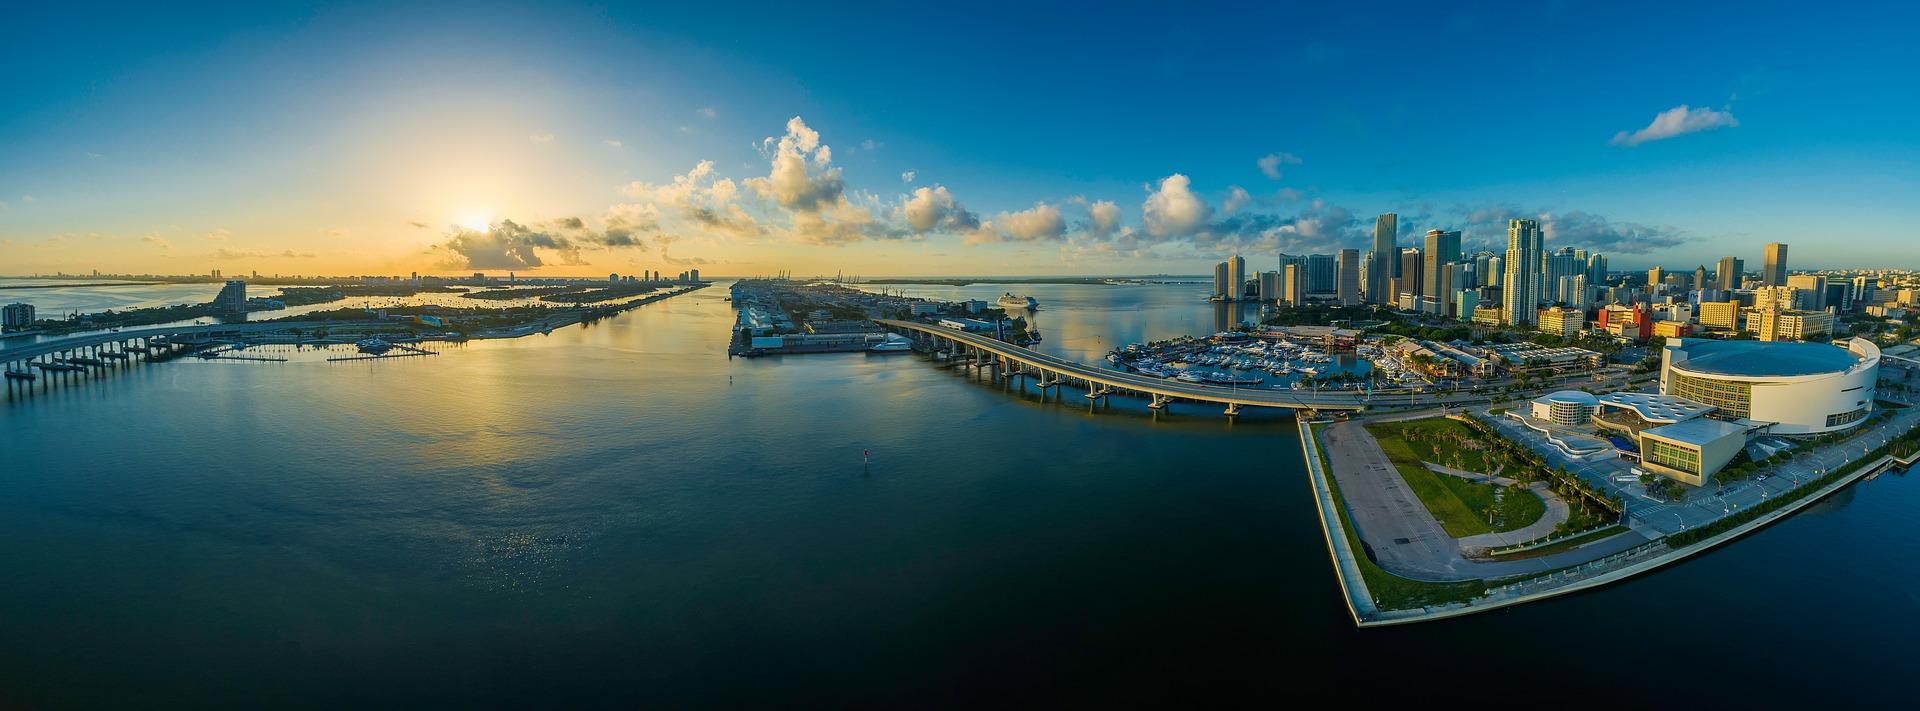 Miami, FL, USA